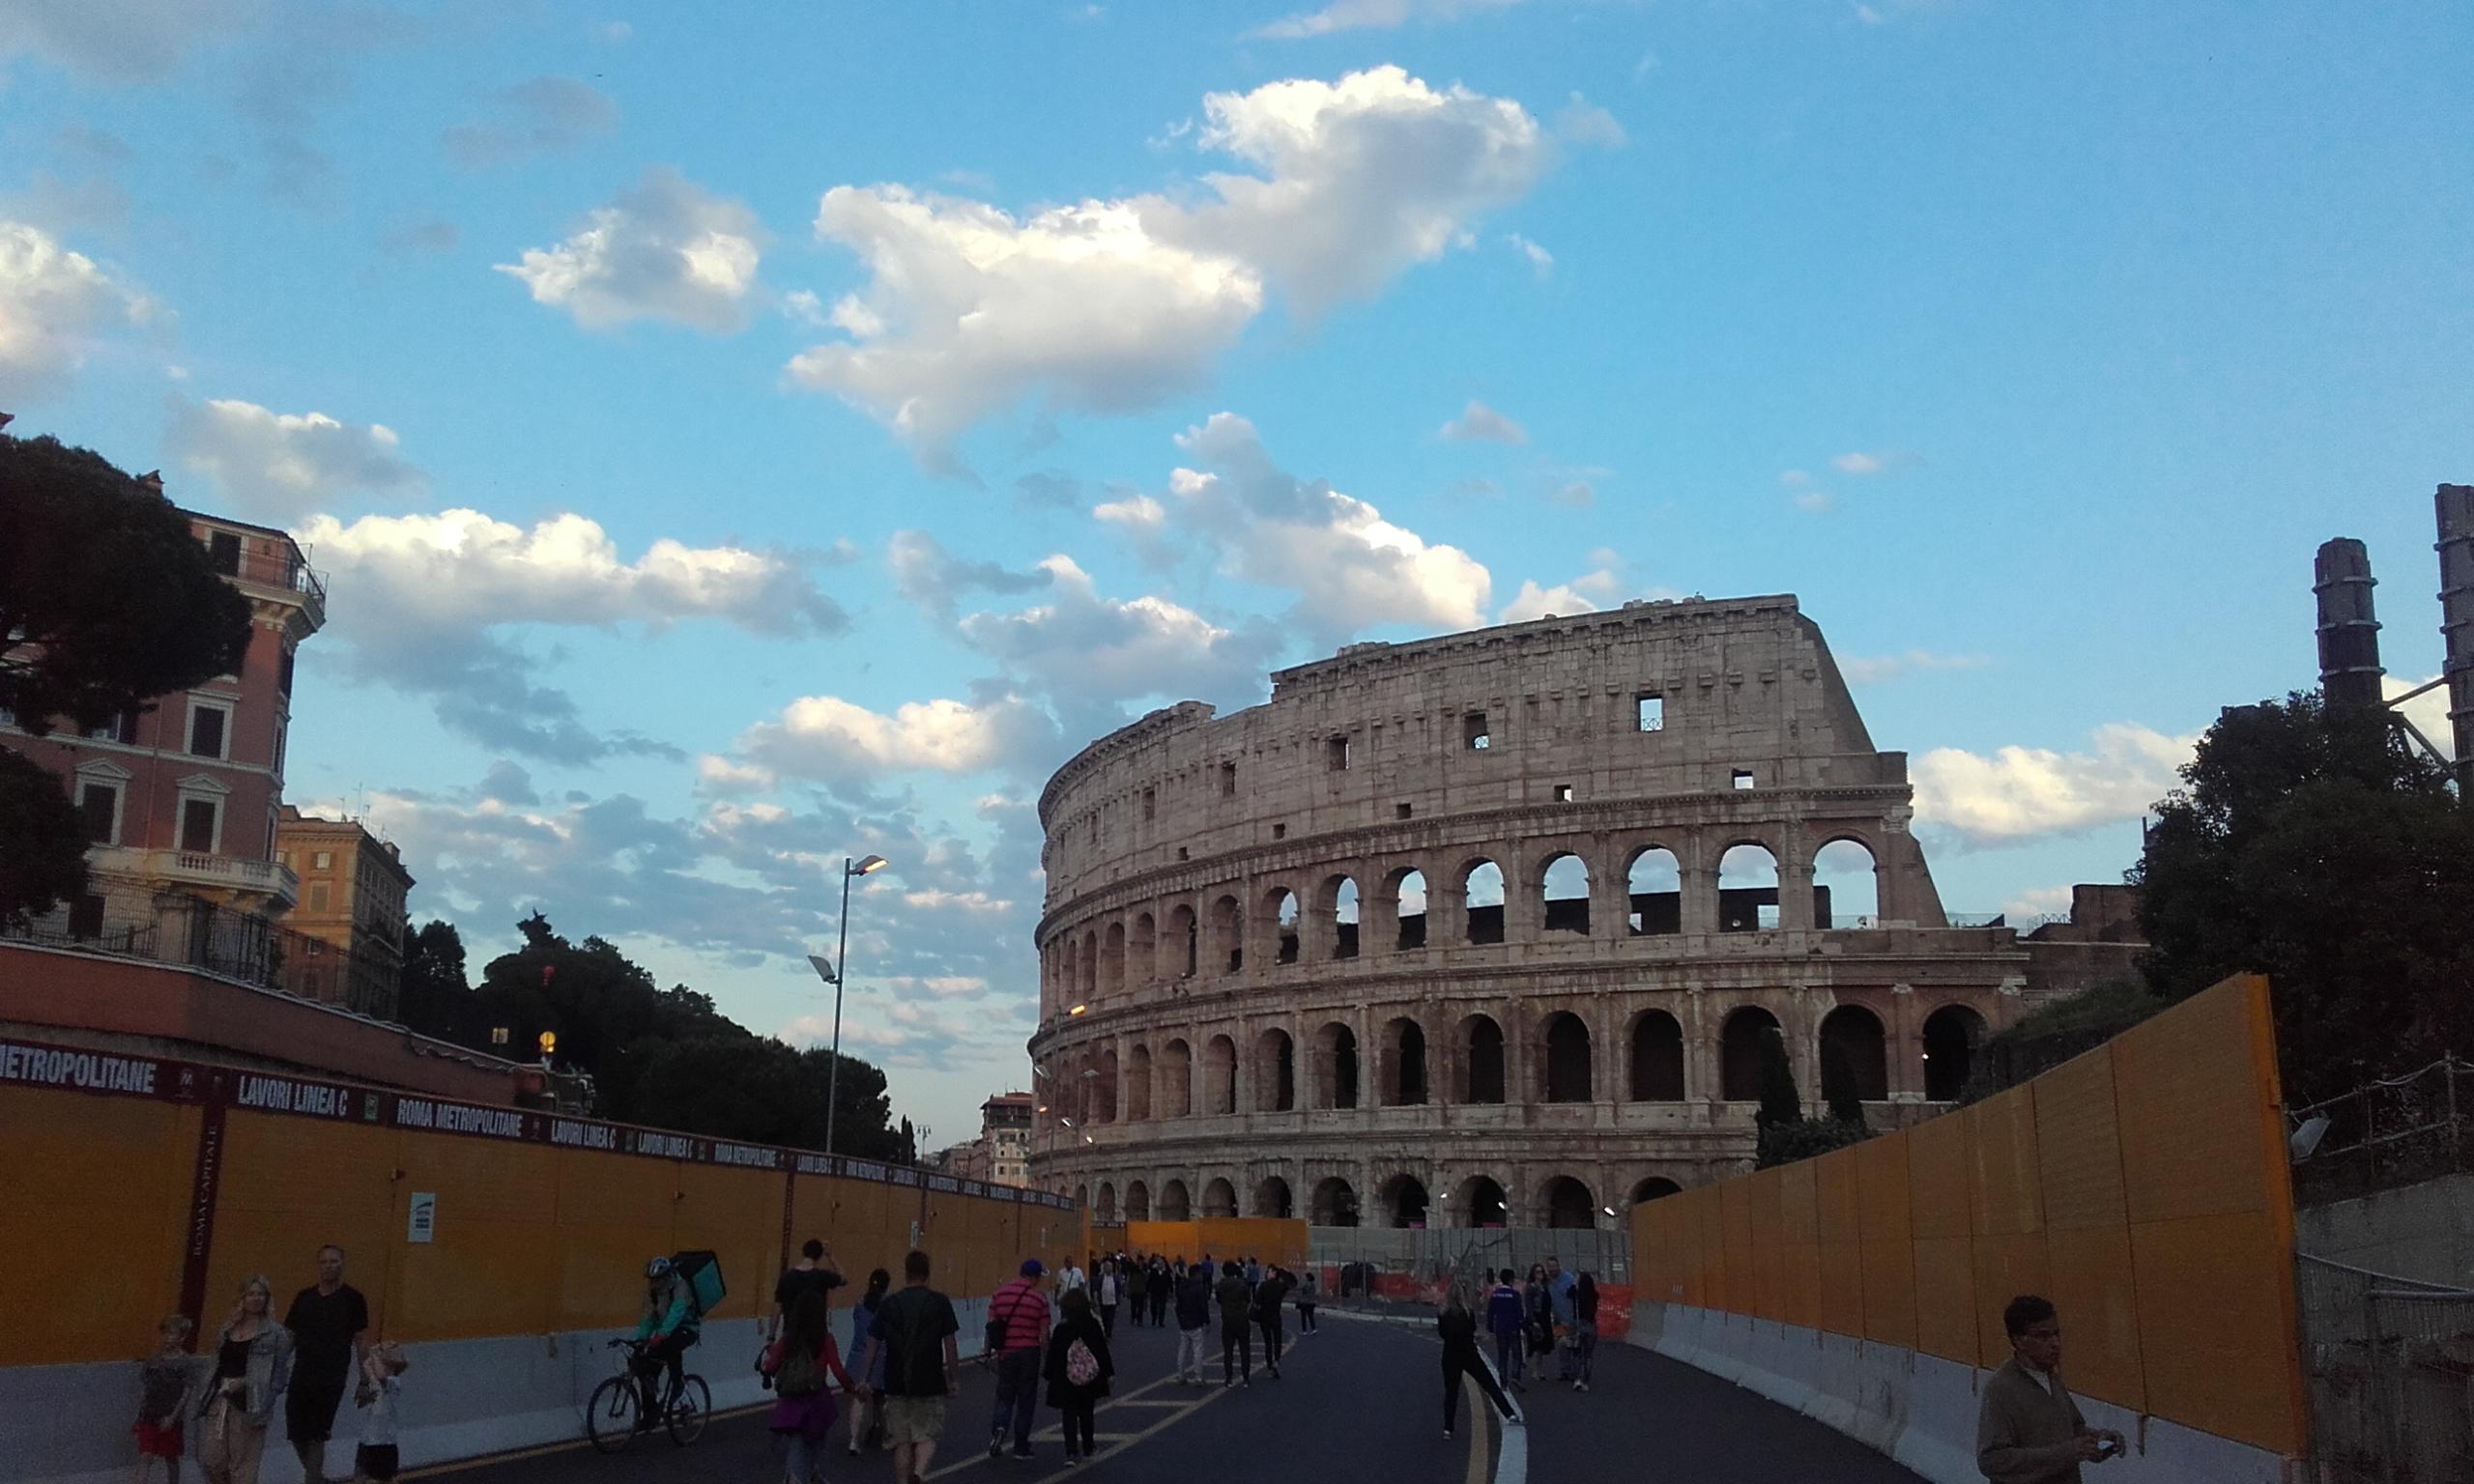 De camino al Coliseo romano